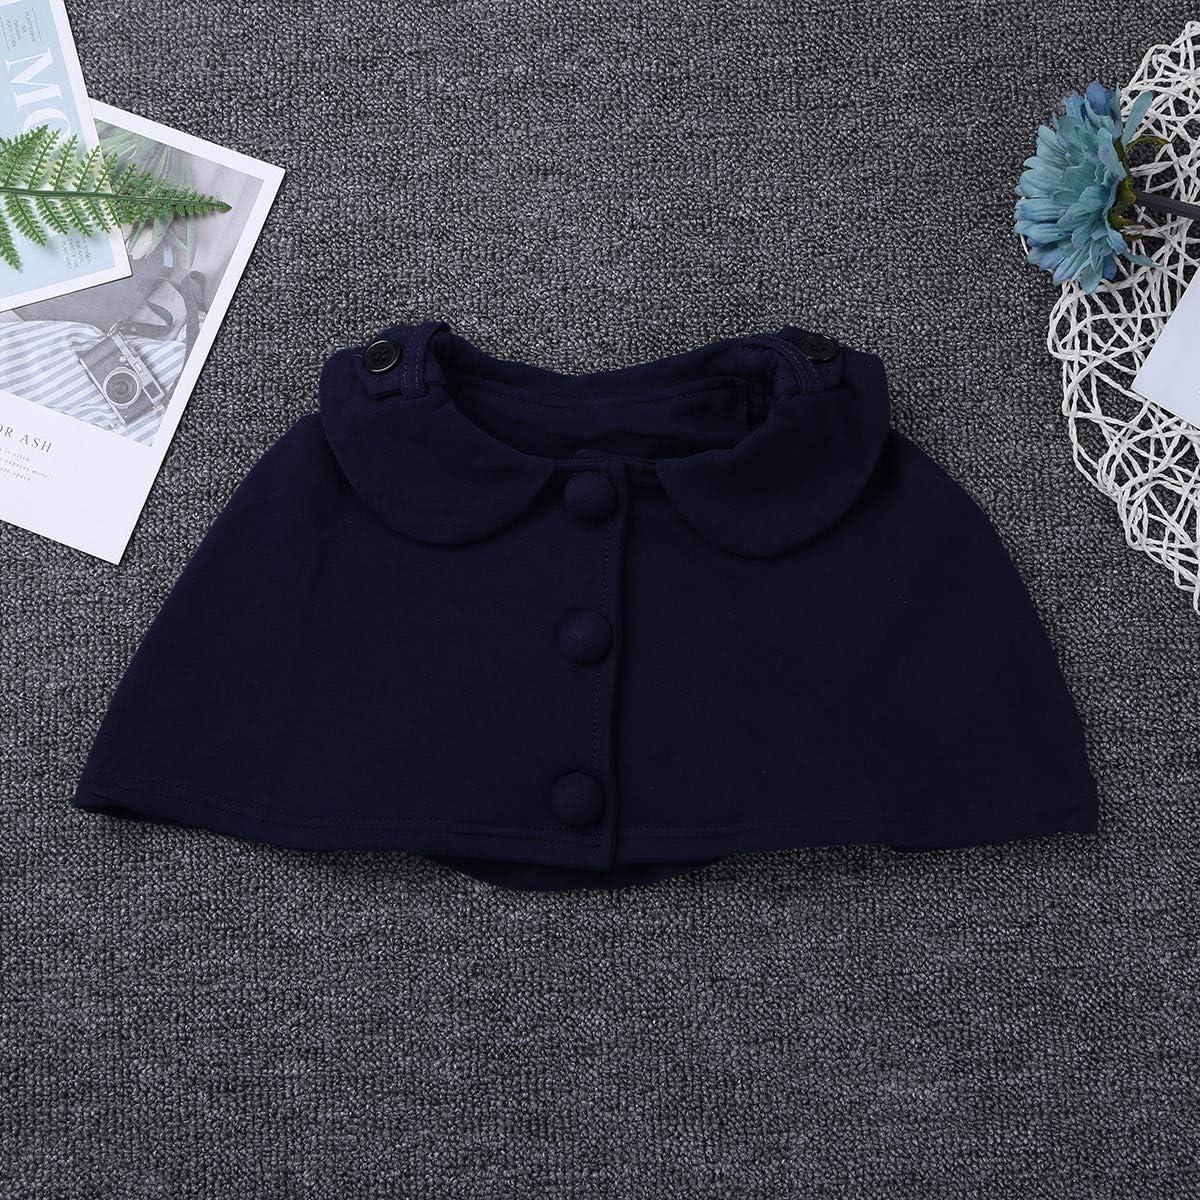 iiniim Vestido Bolero Conjunto de Trajes de Ni/ñas Algod/ón Vestido Princesa Vintage Chaleco Shrug Double-breasted Outwear Dress Ropa Caliente para Ni/ñas 2 A/ños a 6 A/ños